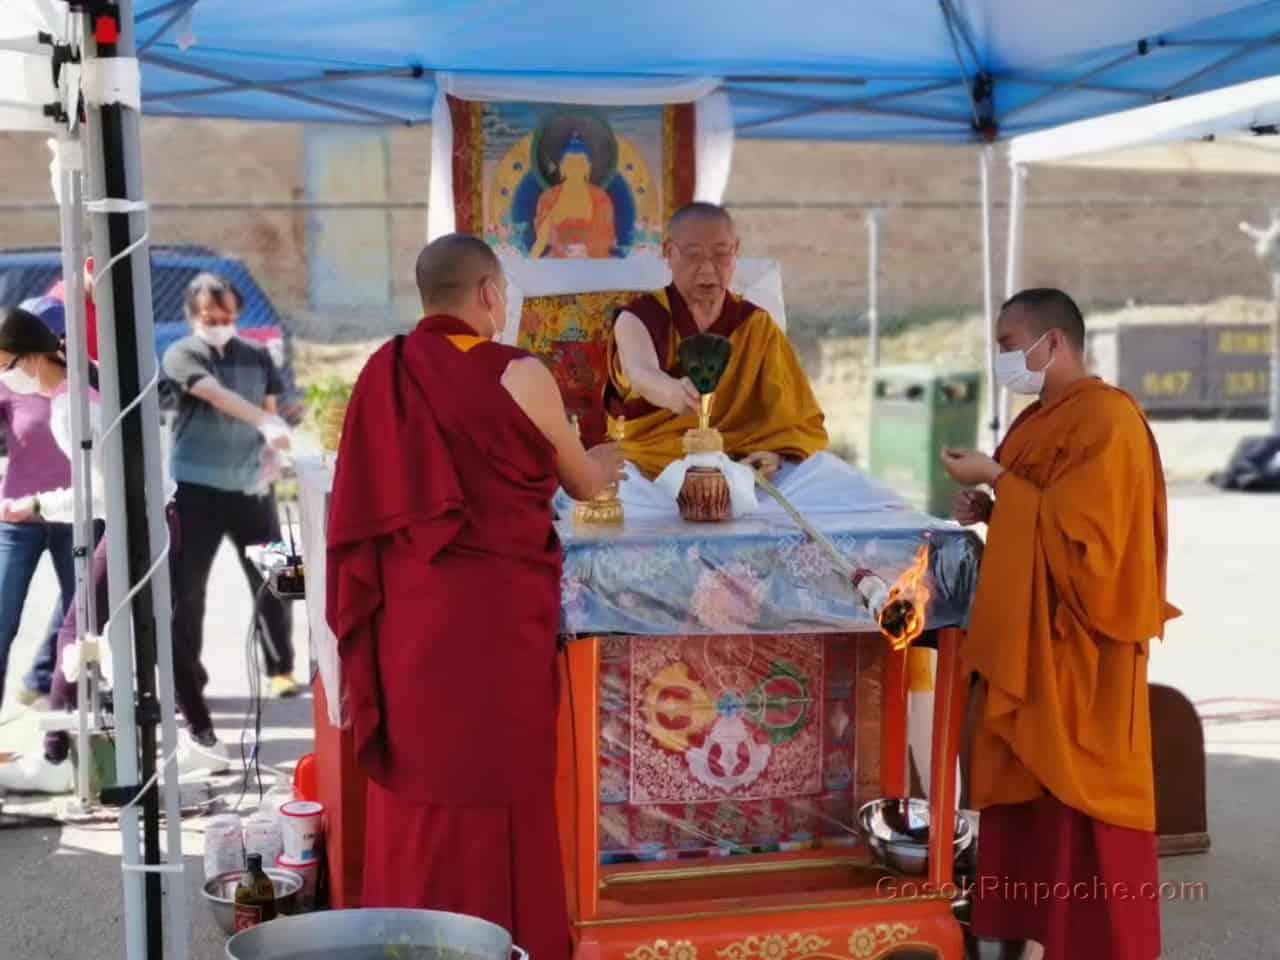 Gosok rinpoche Yamantaka Fire Puja 20190922215955